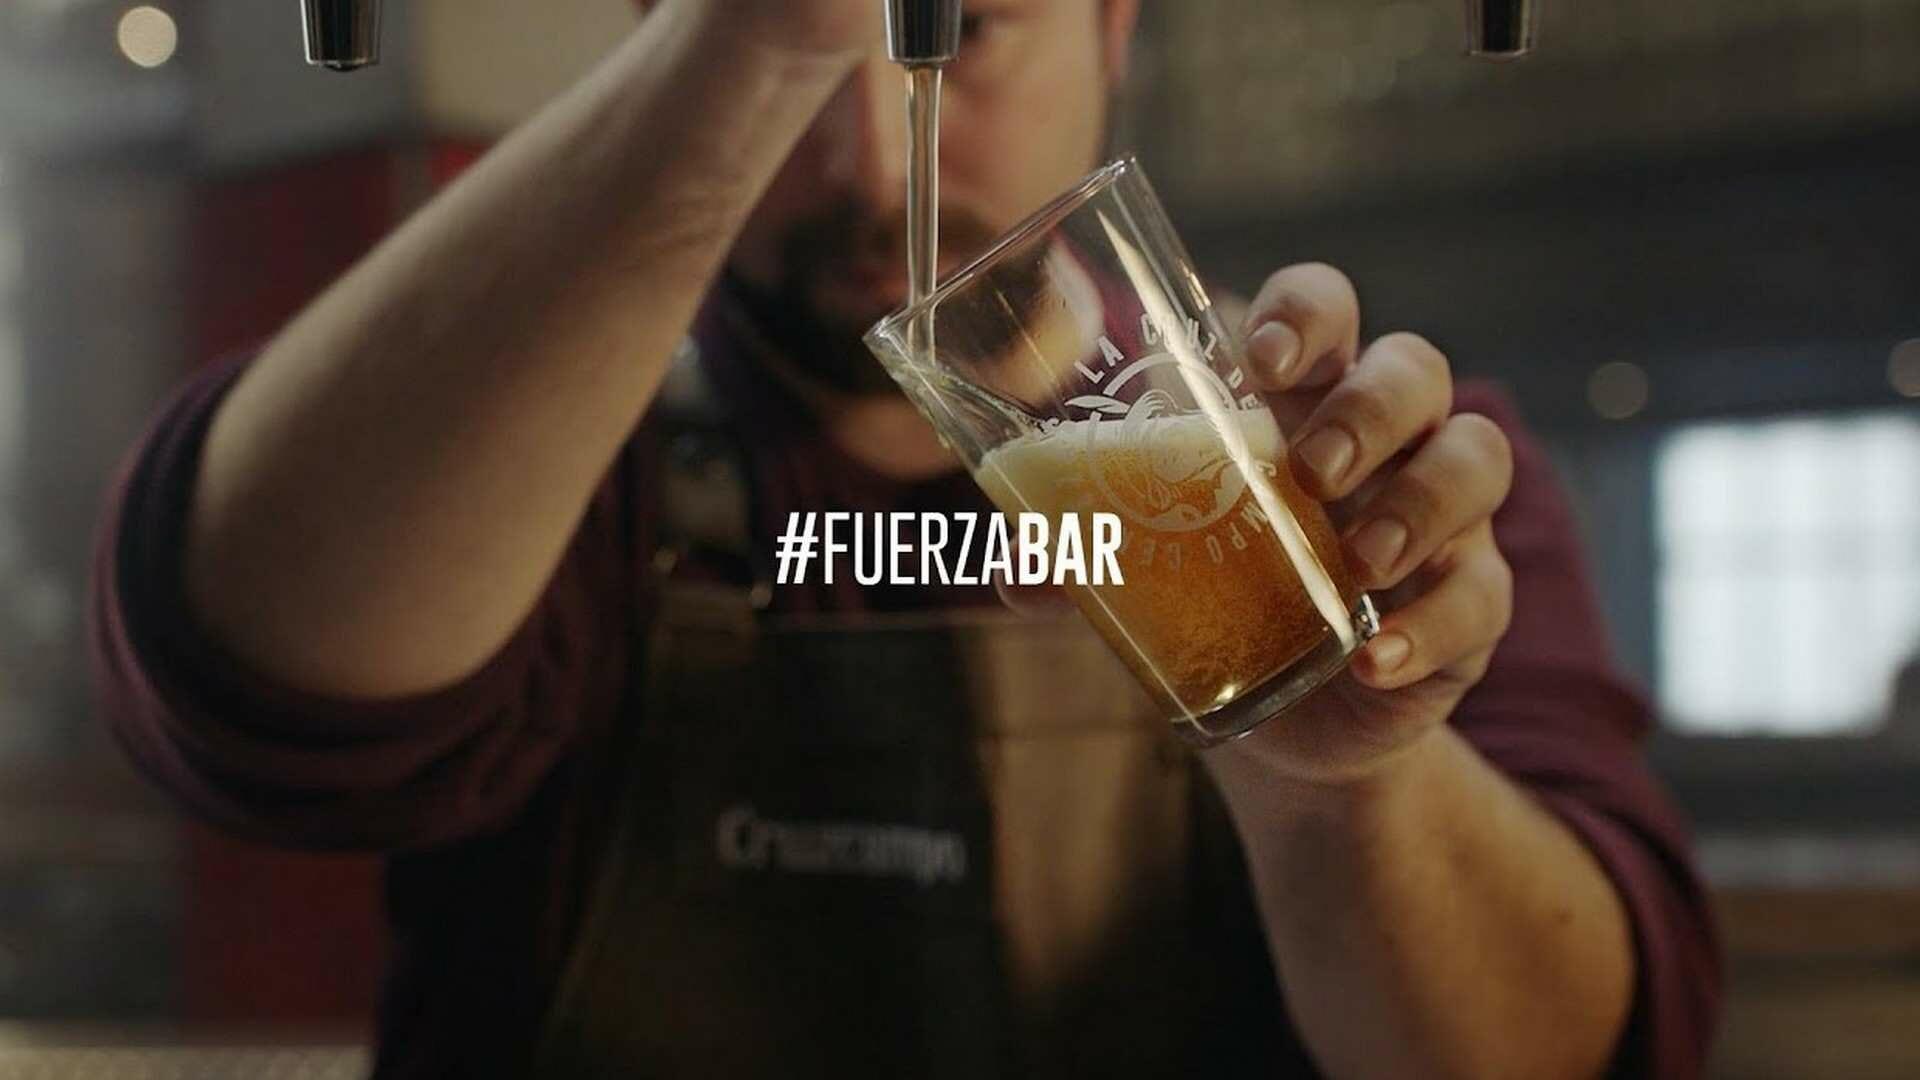 El movimiento #fuerzabar suma más de 15 marcas líderes para llenar los almacenes de bares y restaurantes